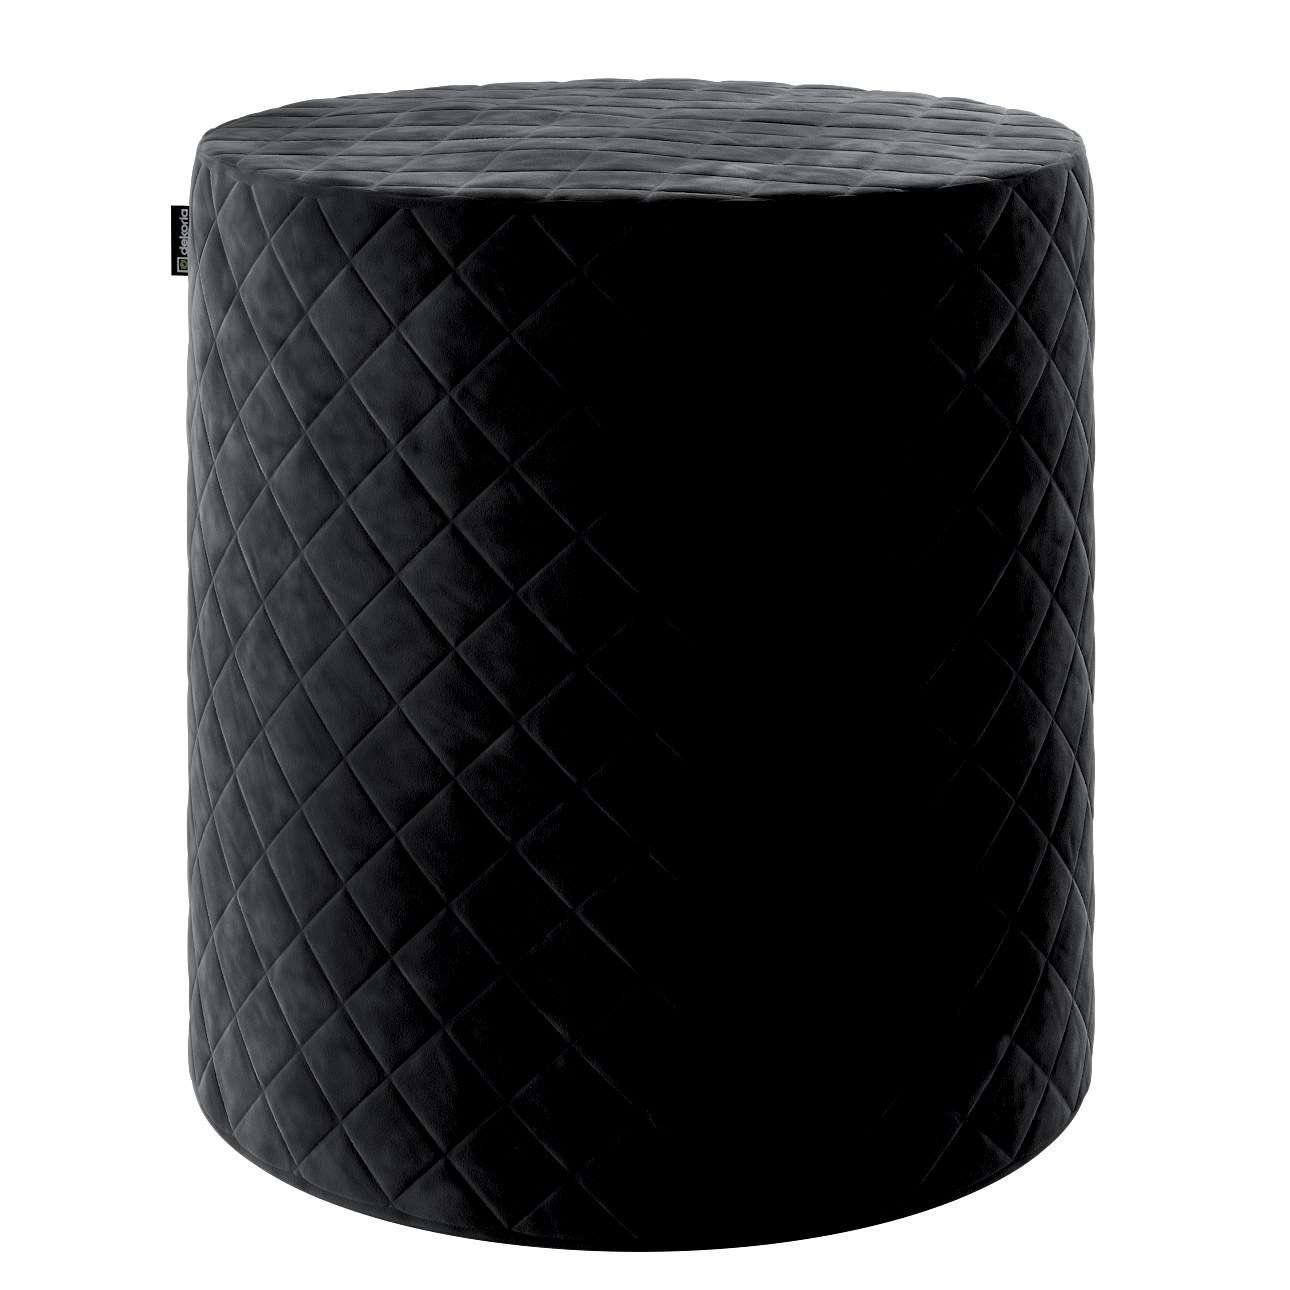 Pouf Barrel gesteppt von der Kollektion Velvet, Stoff: 704-17